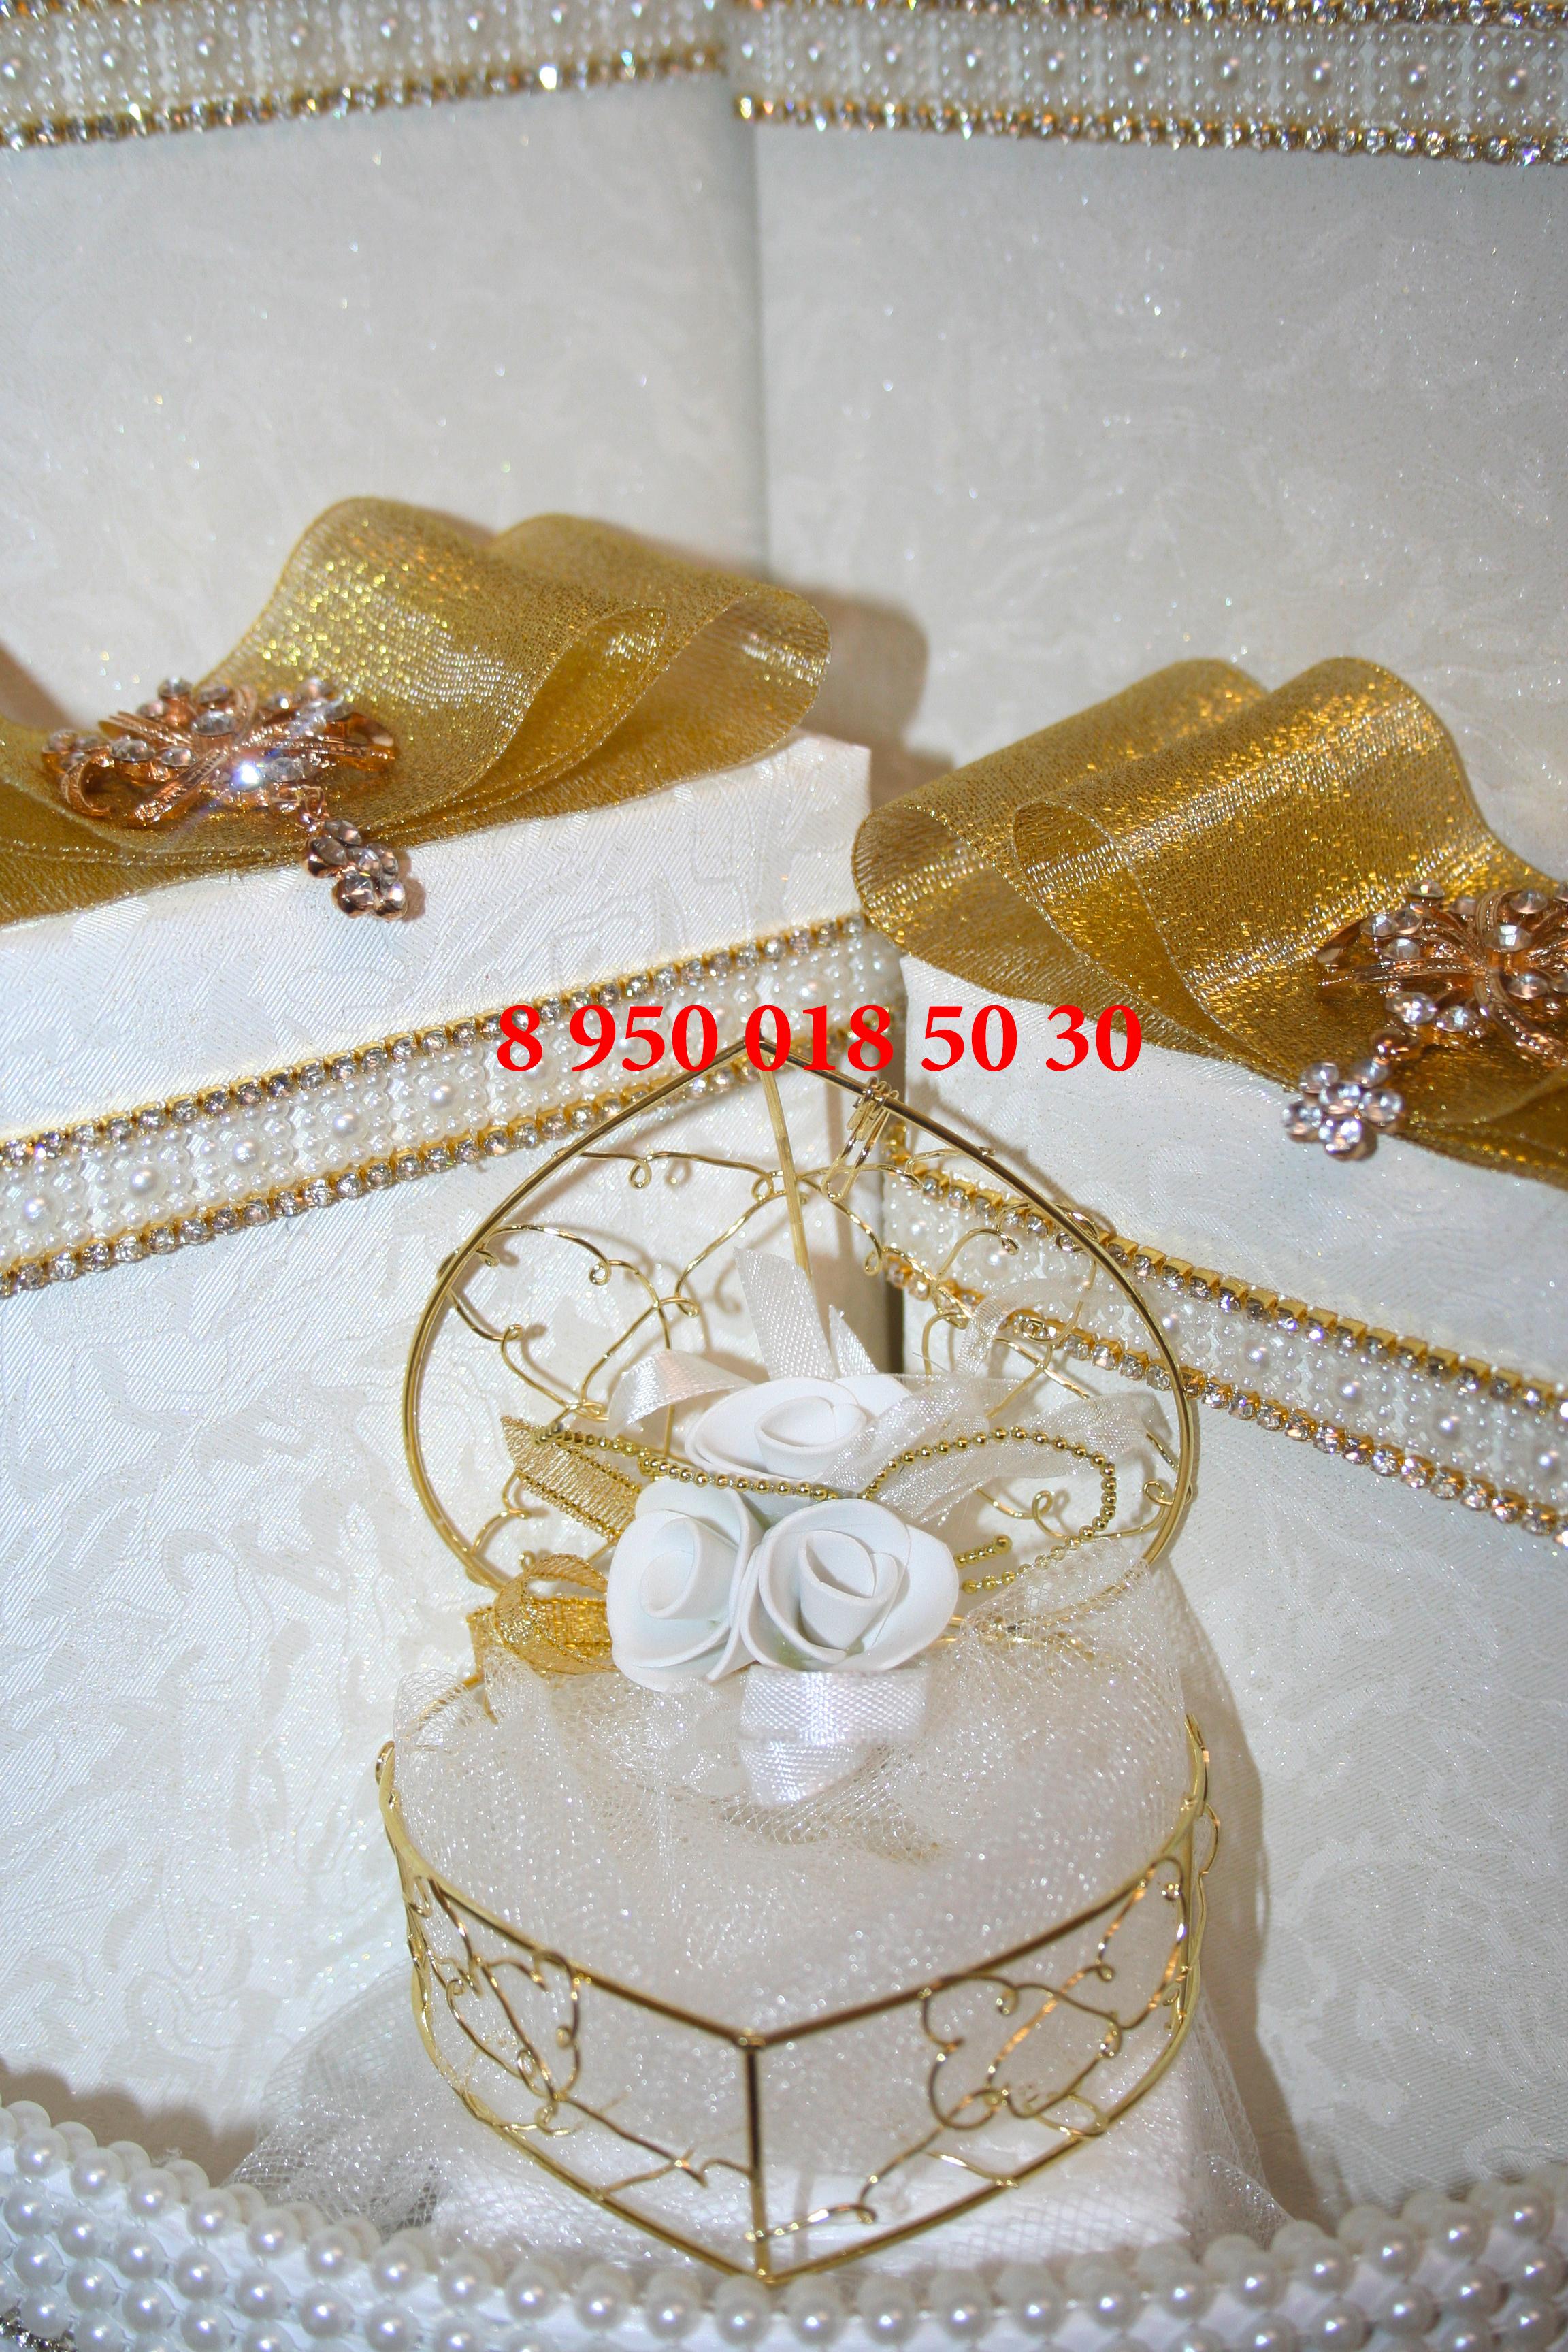 оформление подарков на помолвку